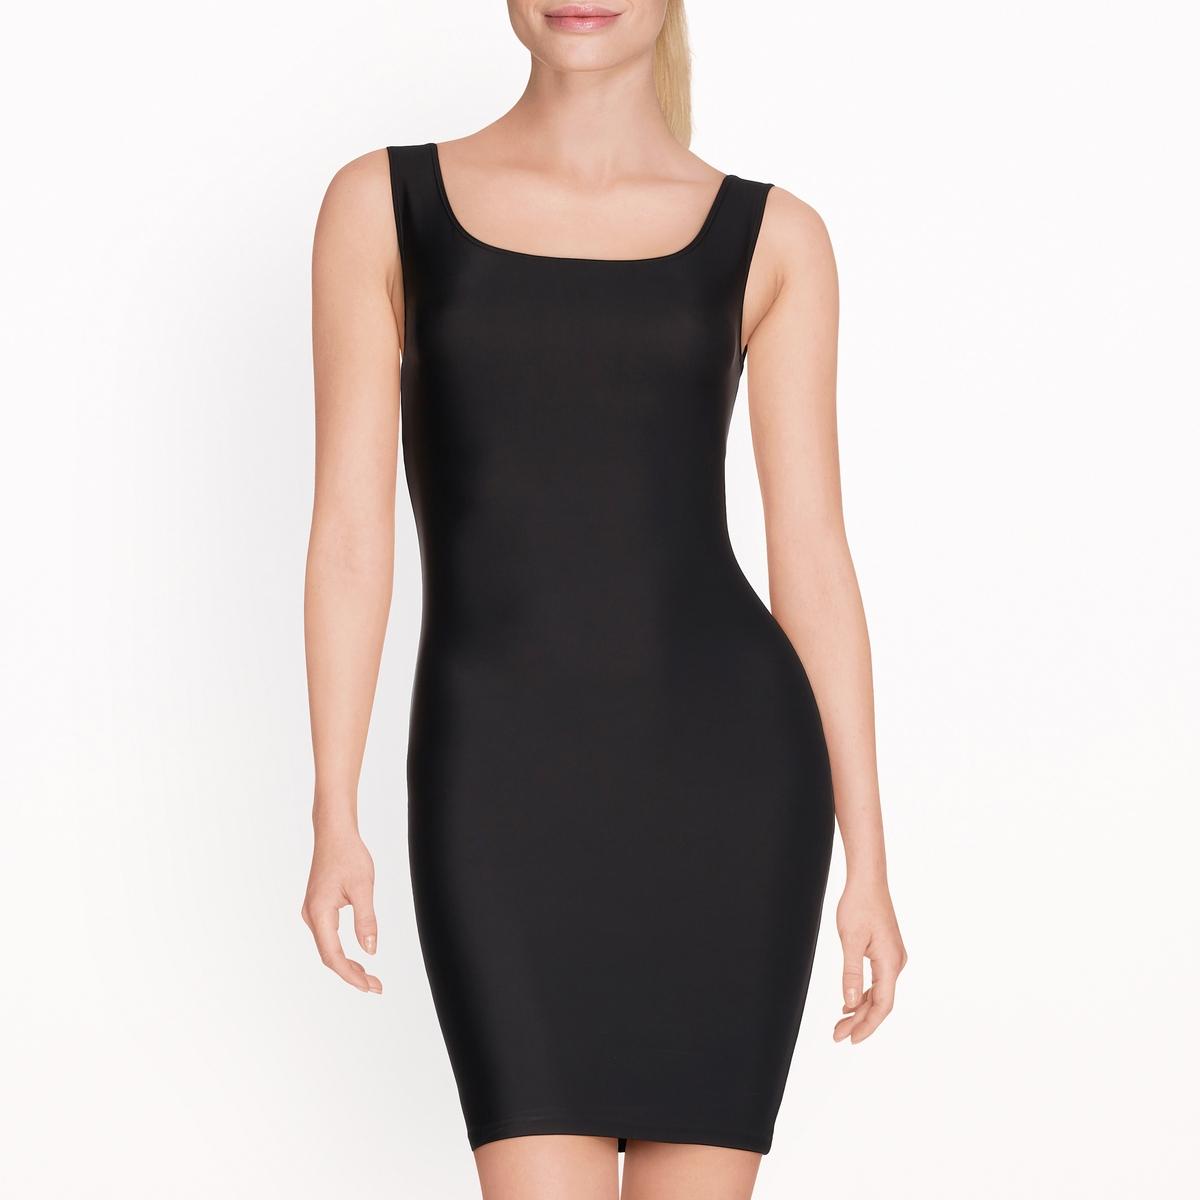 Комбинация под платье моделирующая